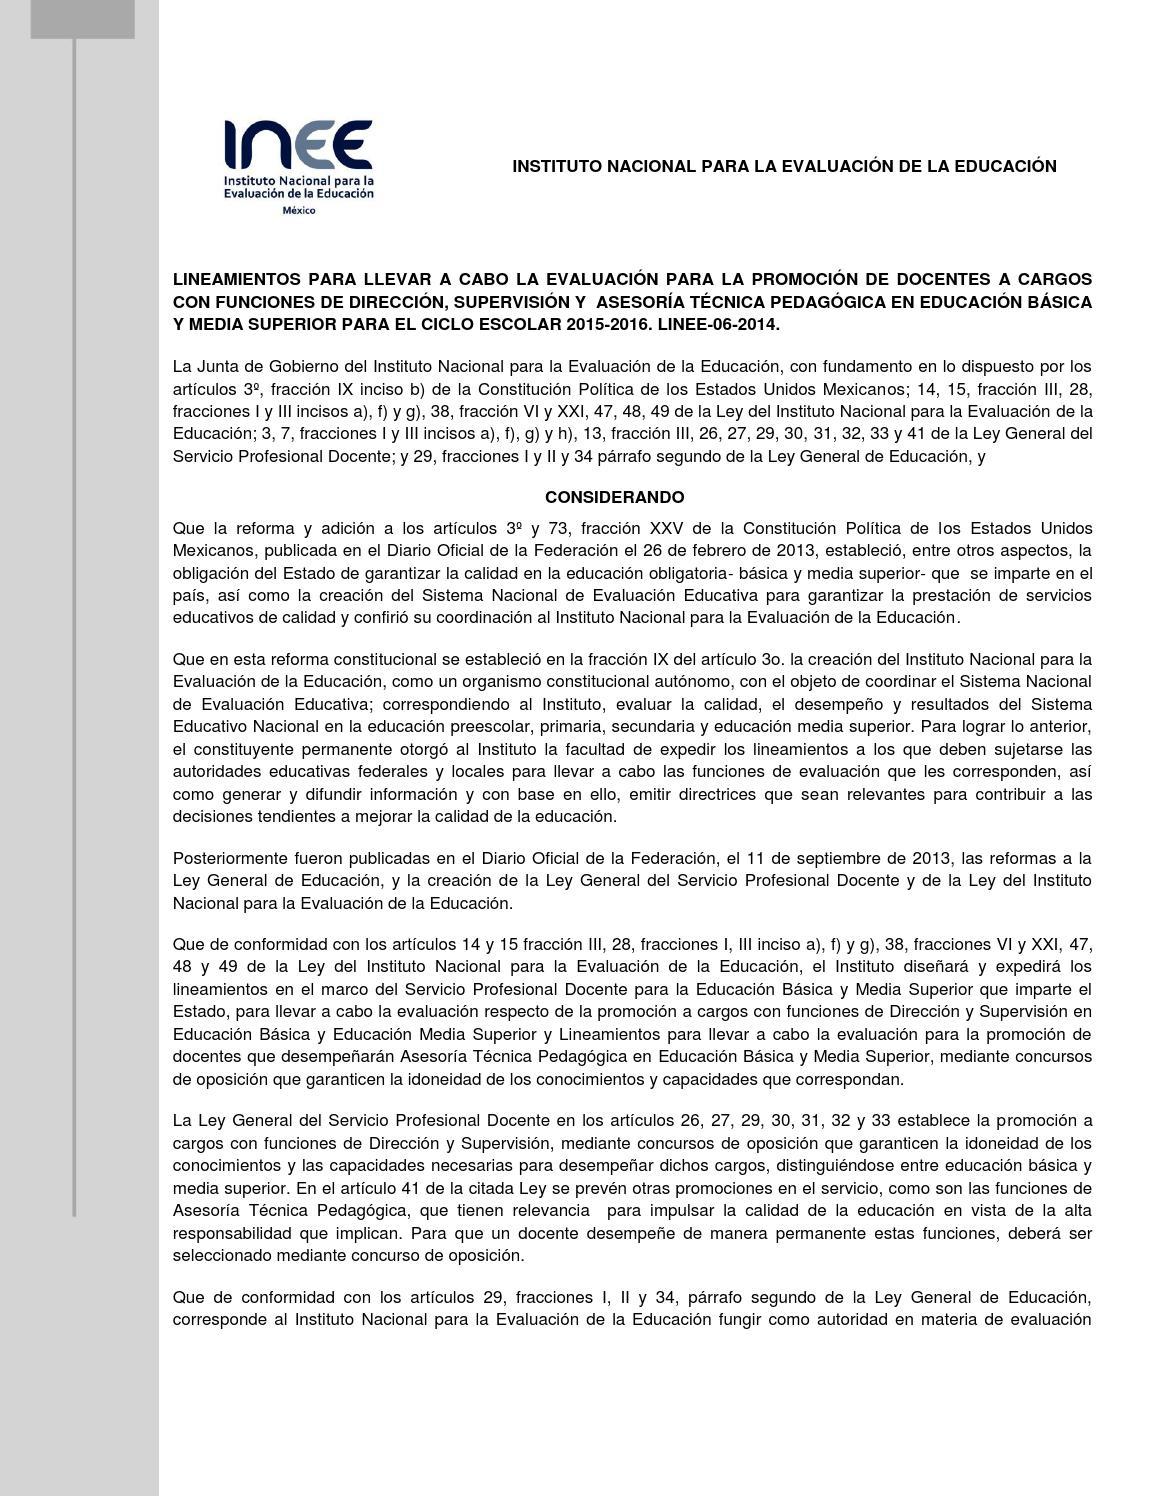 Lineamientos concurso oposicion 2015 2016 servicio for Concurso meritos docentes 2016